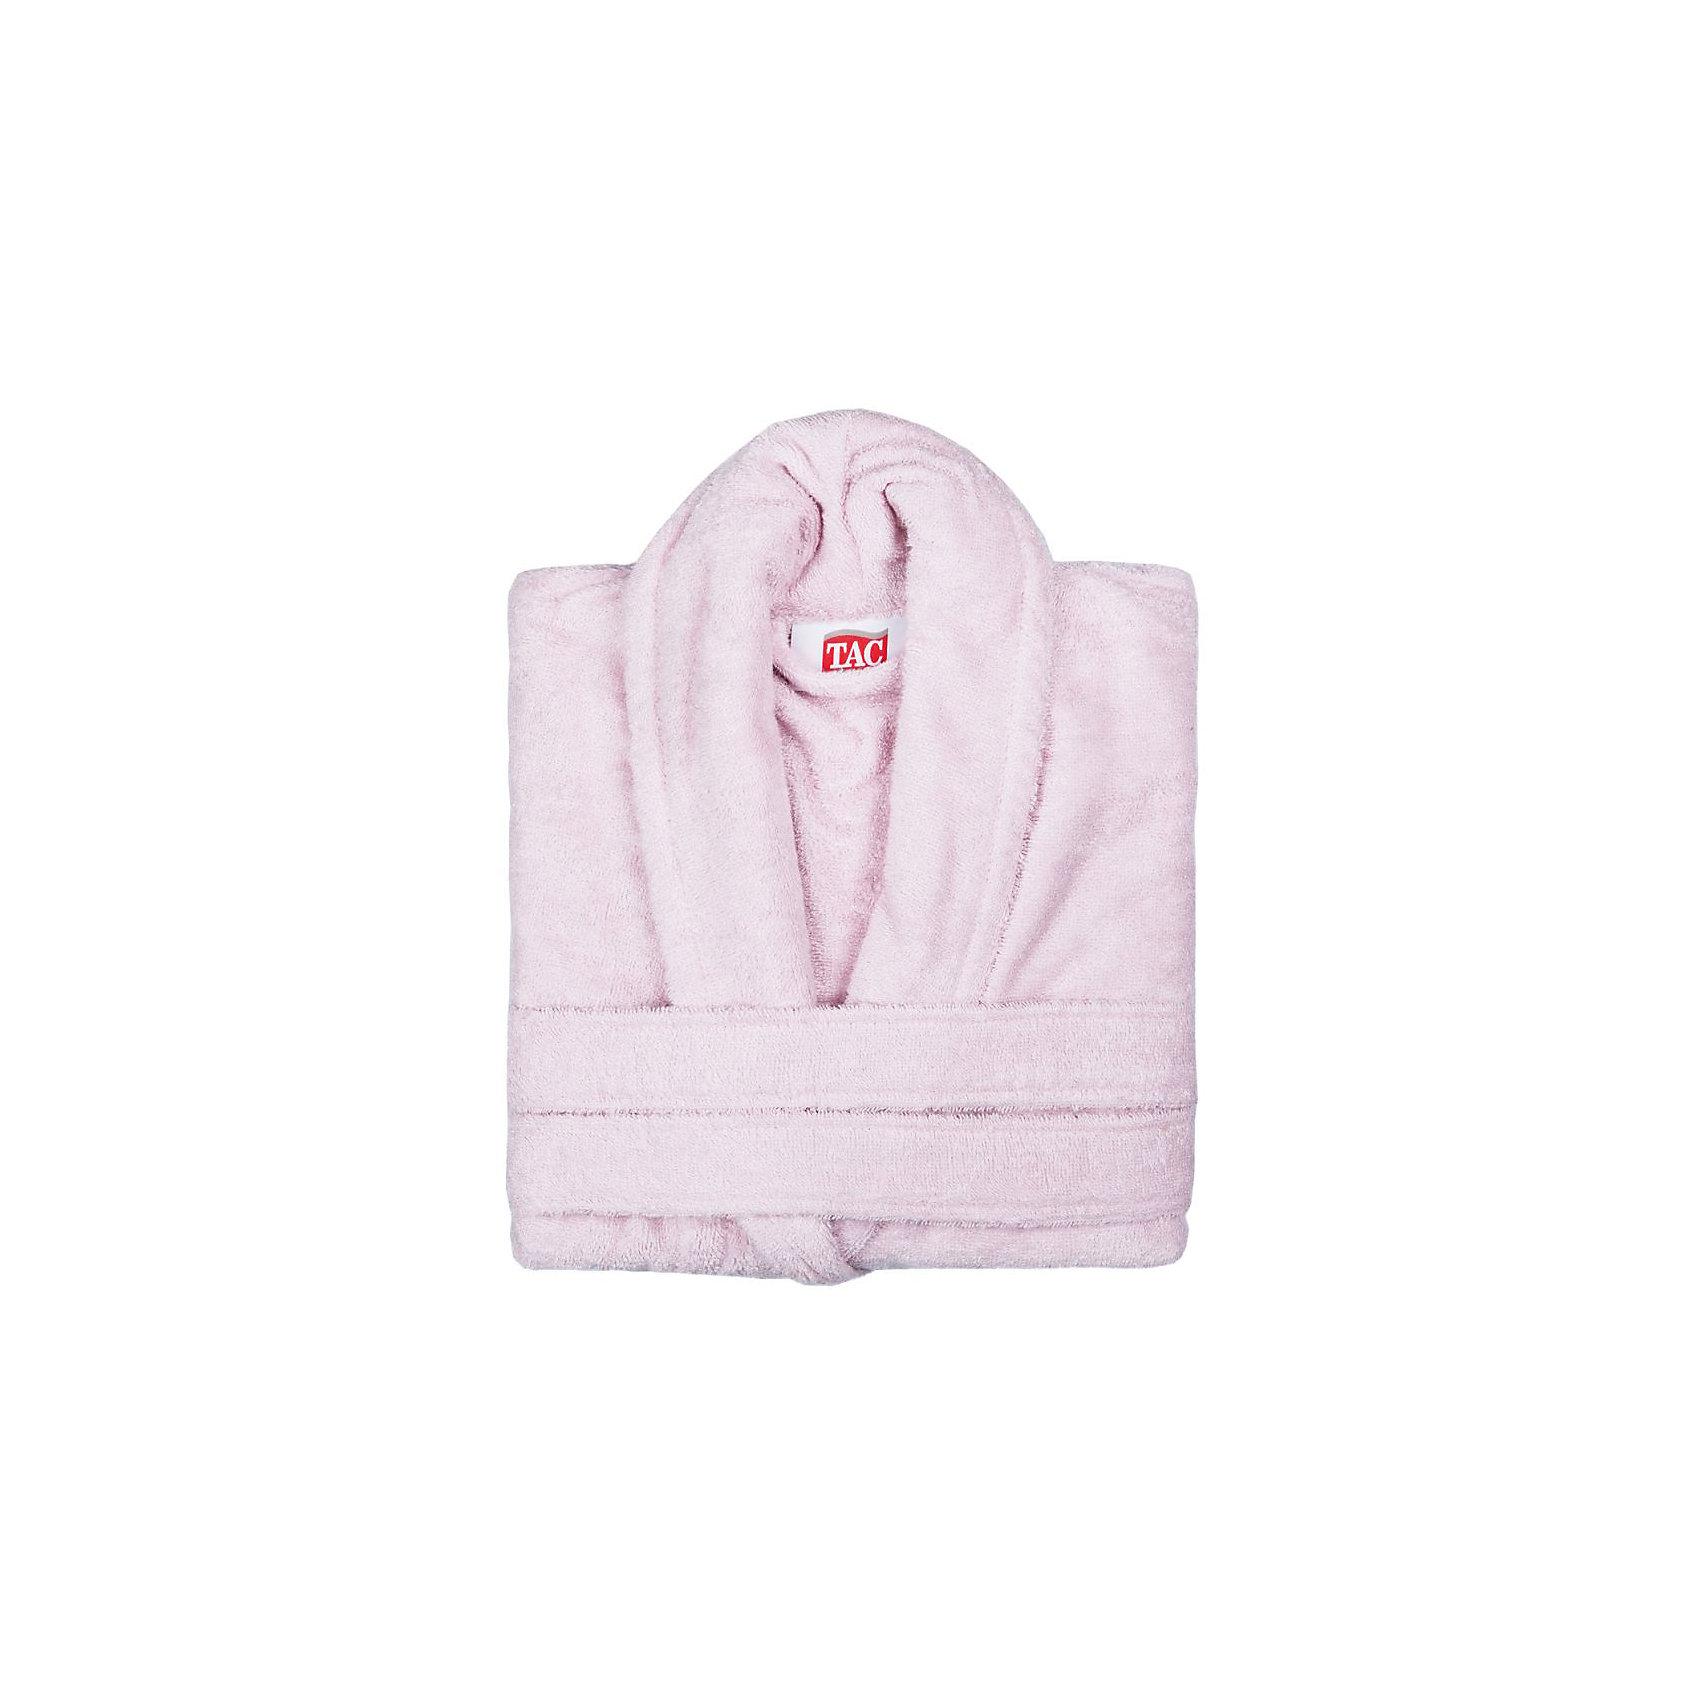 Халат махровый Maison Bambu, S/M, TAC, розовый (pudra)Ванная комната<br>Характеристики:<br><br>• Вид домашнего текстиля: махровый халат<br>• Размер международный/российский: S/M (42, 44, 46)<br>• Пол: женский<br>• Рисунок: без рисунка<br>• Материал: хлопок, 50% хлопок; бамбук, 50%<br>• Цвет: фисташковый<br>• Плотность полотна: 320 гр/м2 <br>• Силуэт: прямой<br>• Рукав: длинный<br>• Воротник: отложной<br>• Застежка: пояс<br>• Вес в упаковке: 1 кг 030 г<br>• Размеры упаковки (Д*Ш*В): 39*10*29 см<br>• Особенности ухода: машинная стирка <br><br>Халат махровый Maison Bambu, S/M, TAC, розовый (pudra) от наиболее популярного бренда на отечественном рынке среди производителей комплектов постельного белья и текстильных принадлежностей, выпуском которого занимается производственная компания, являющаяся частью мирового холдинга Zorlu Holding Textiles Group. Халат выполнен из сочетания натурального хлопка и бамбукового волокна, что обеспечивает гипоаллергенность, высокую износоустойчивость, повышенные гигкоскопические и антибактериальные свойства изделия. Благодаря высокой степени плотности махры, халат отлично впитывает влагу, но при этом остается мягким. <br><br>Ворс окрашен стойкими нетоксичными красителями, который не оставляет запаха и обеспечивает ровный окрас. Изделие сохраняет свой цвет и форму даже при частых стирках. Халат прямого кроя с длинными рукавами и отложным воротником идеально подходит для посещения бани или сауны, а в прохладные вечера обеспечит комфорт и уют своему владельцу. Выполнен в розовом цвете без рисунка.<br><br>Халат махровый Maison Bambu, S/M, TAC, розовый (pudra) можно купить в нашем интернет-магазине.<br><br>Ширина мм: 290<br>Глубина мм: 90<br>Высота мм: 400<br>Вес г: 1300<br>Возраст от месяцев: 216<br>Возраст до месяцев: 1188<br>Пол: Унисекс<br>Возраст: Детский<br>SKU: 5476357